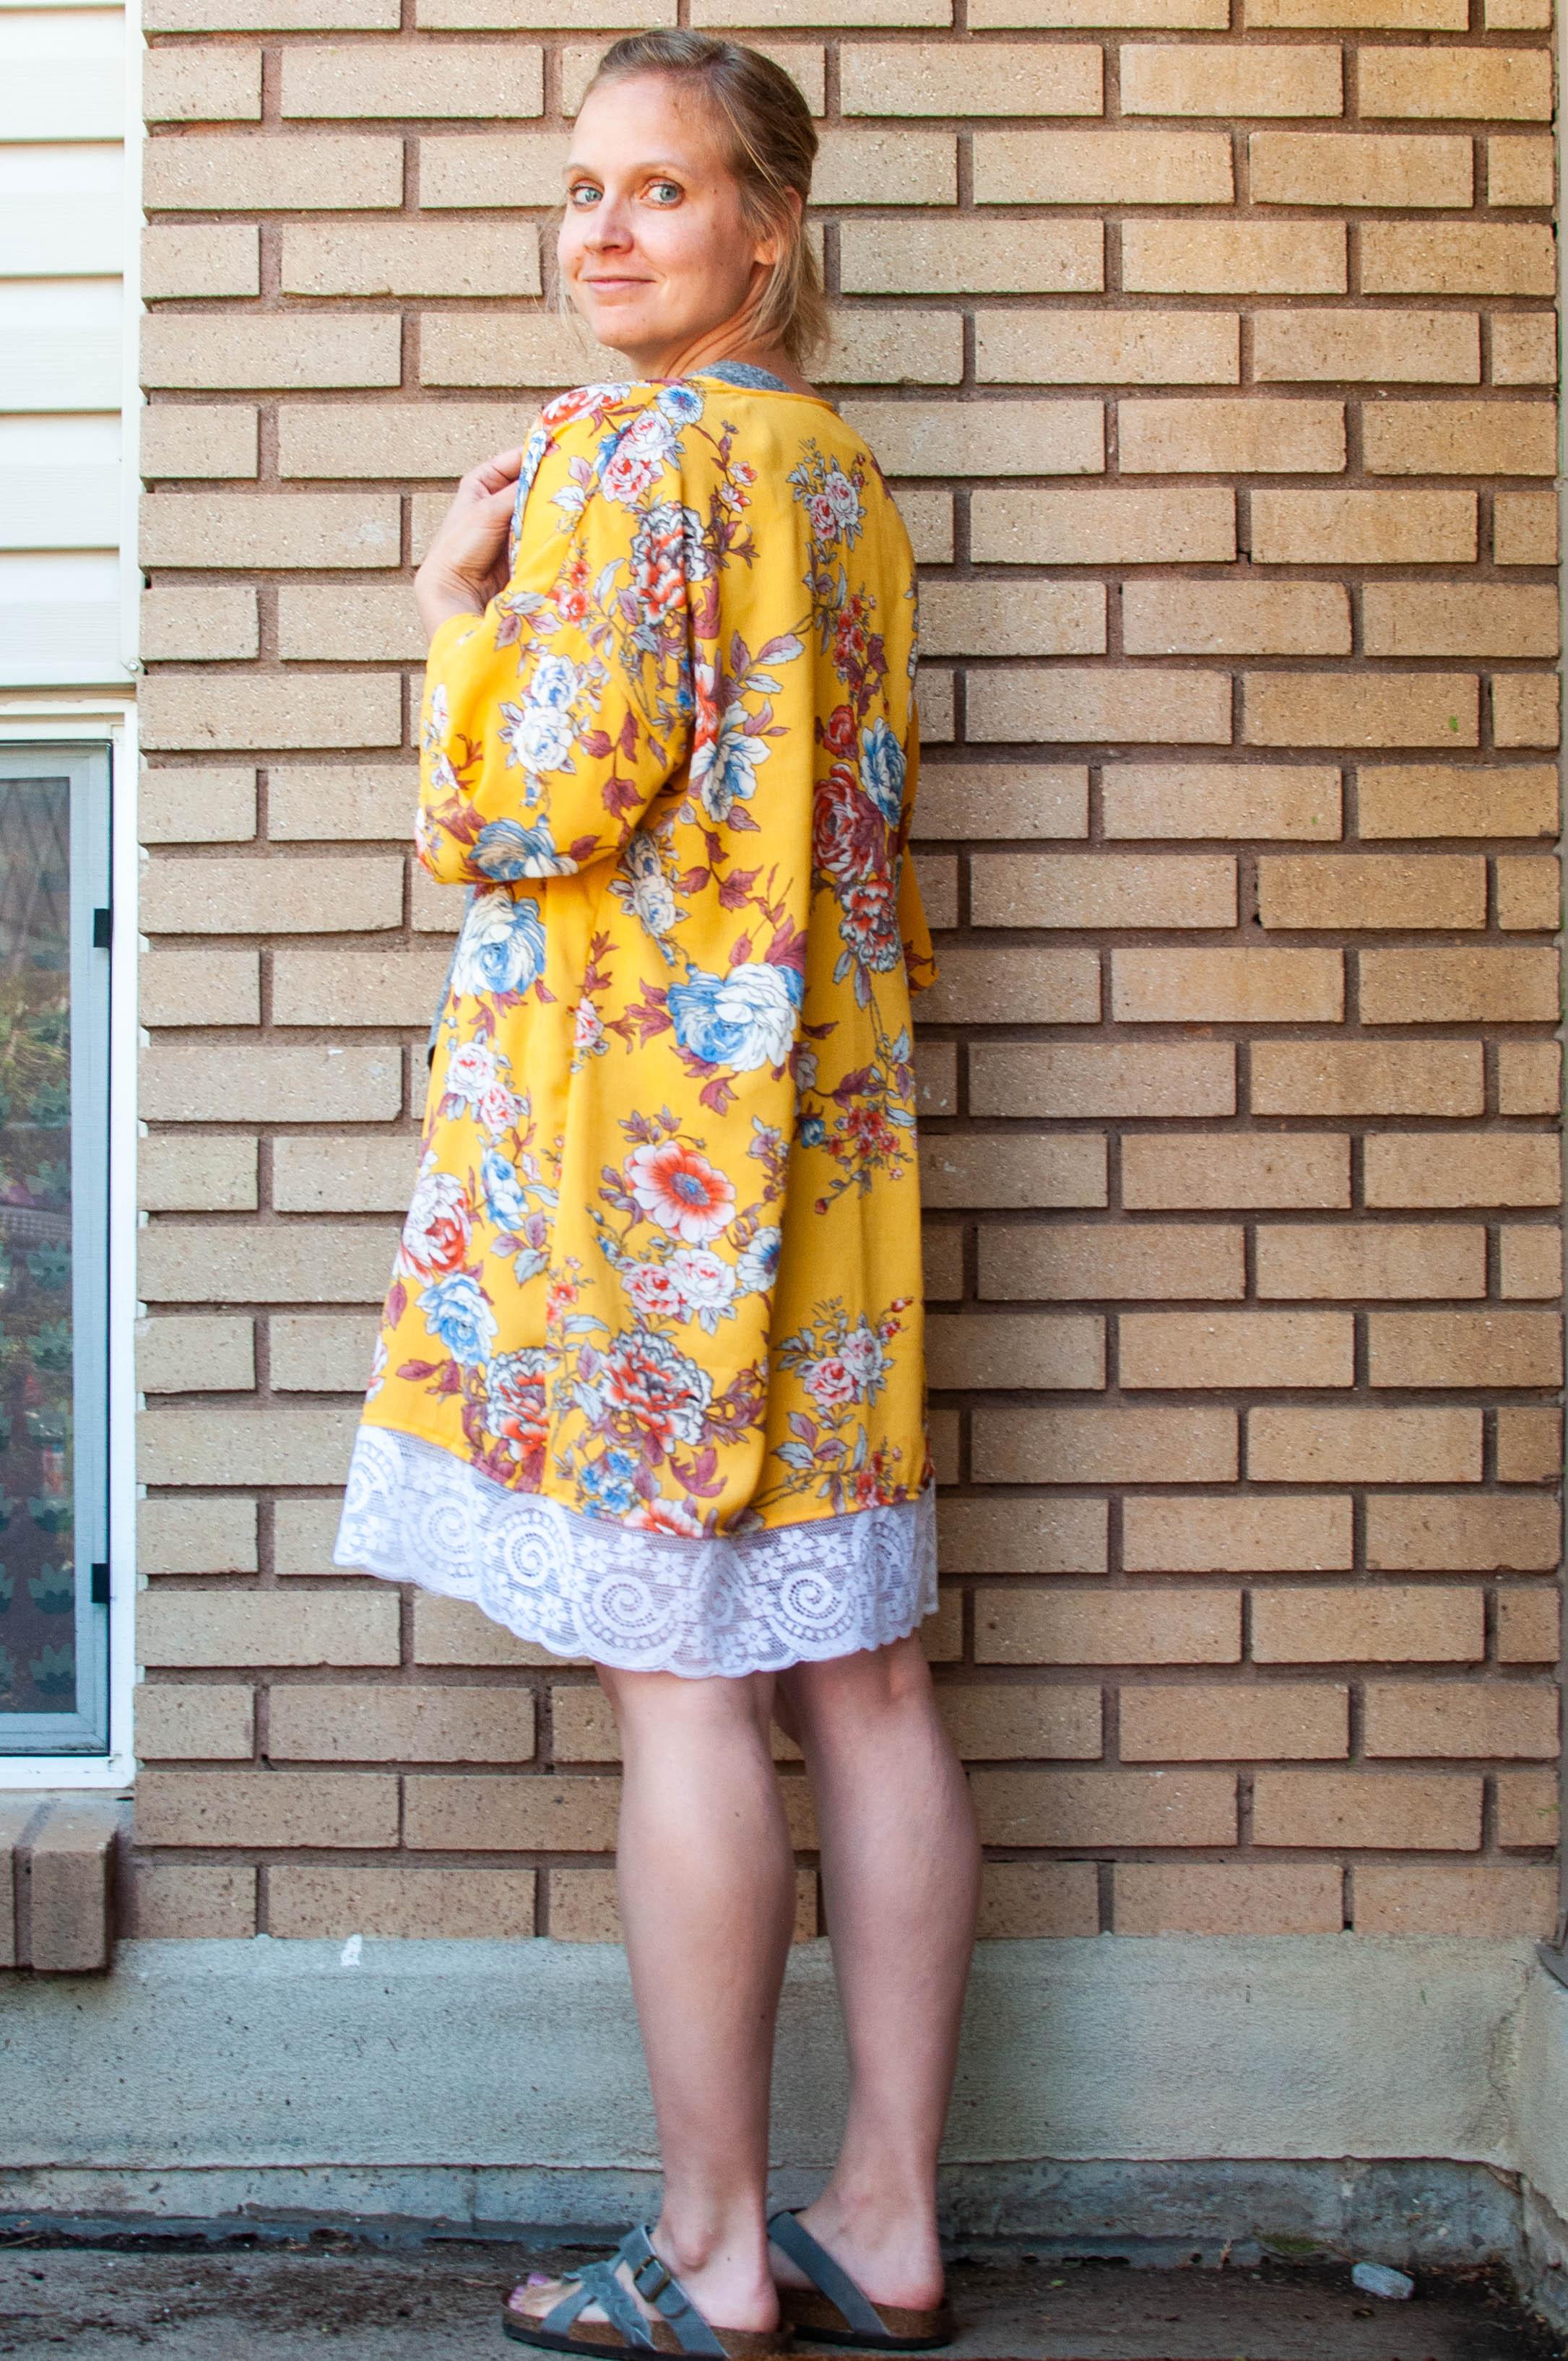 Kimono sewing inspiration, Simplicity Pattern 8707